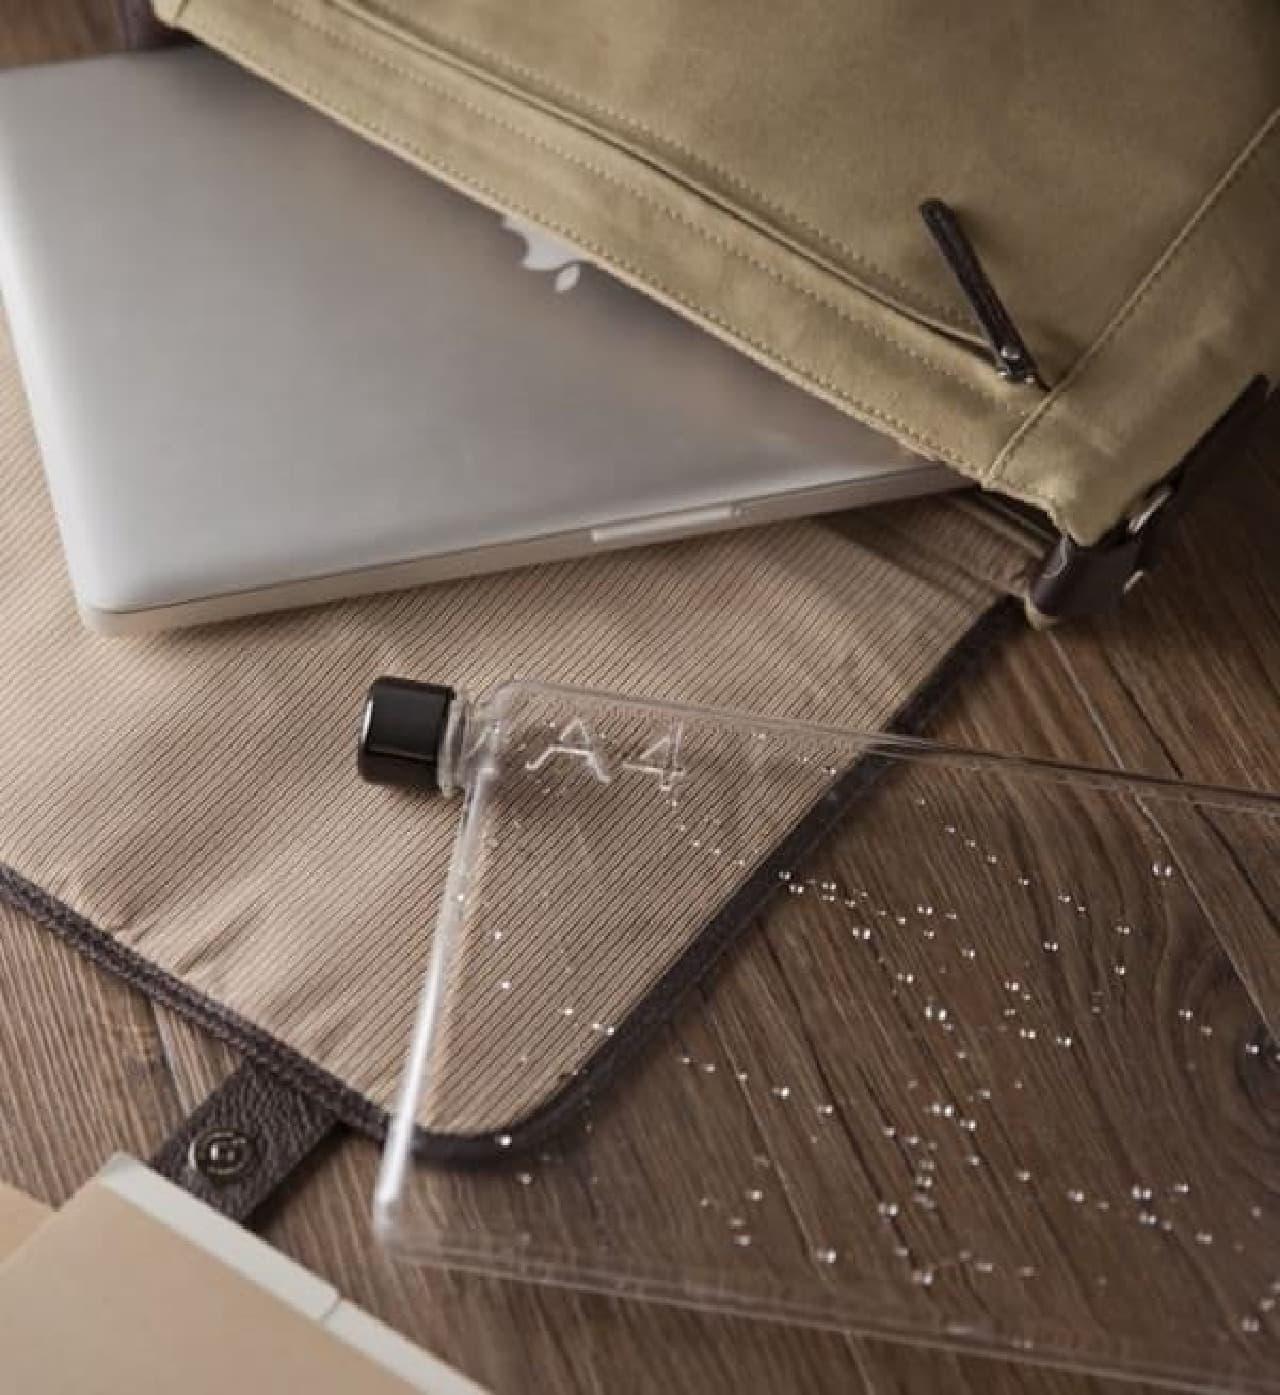 水漏れ防止策により、ノート PC が濡れることはありません